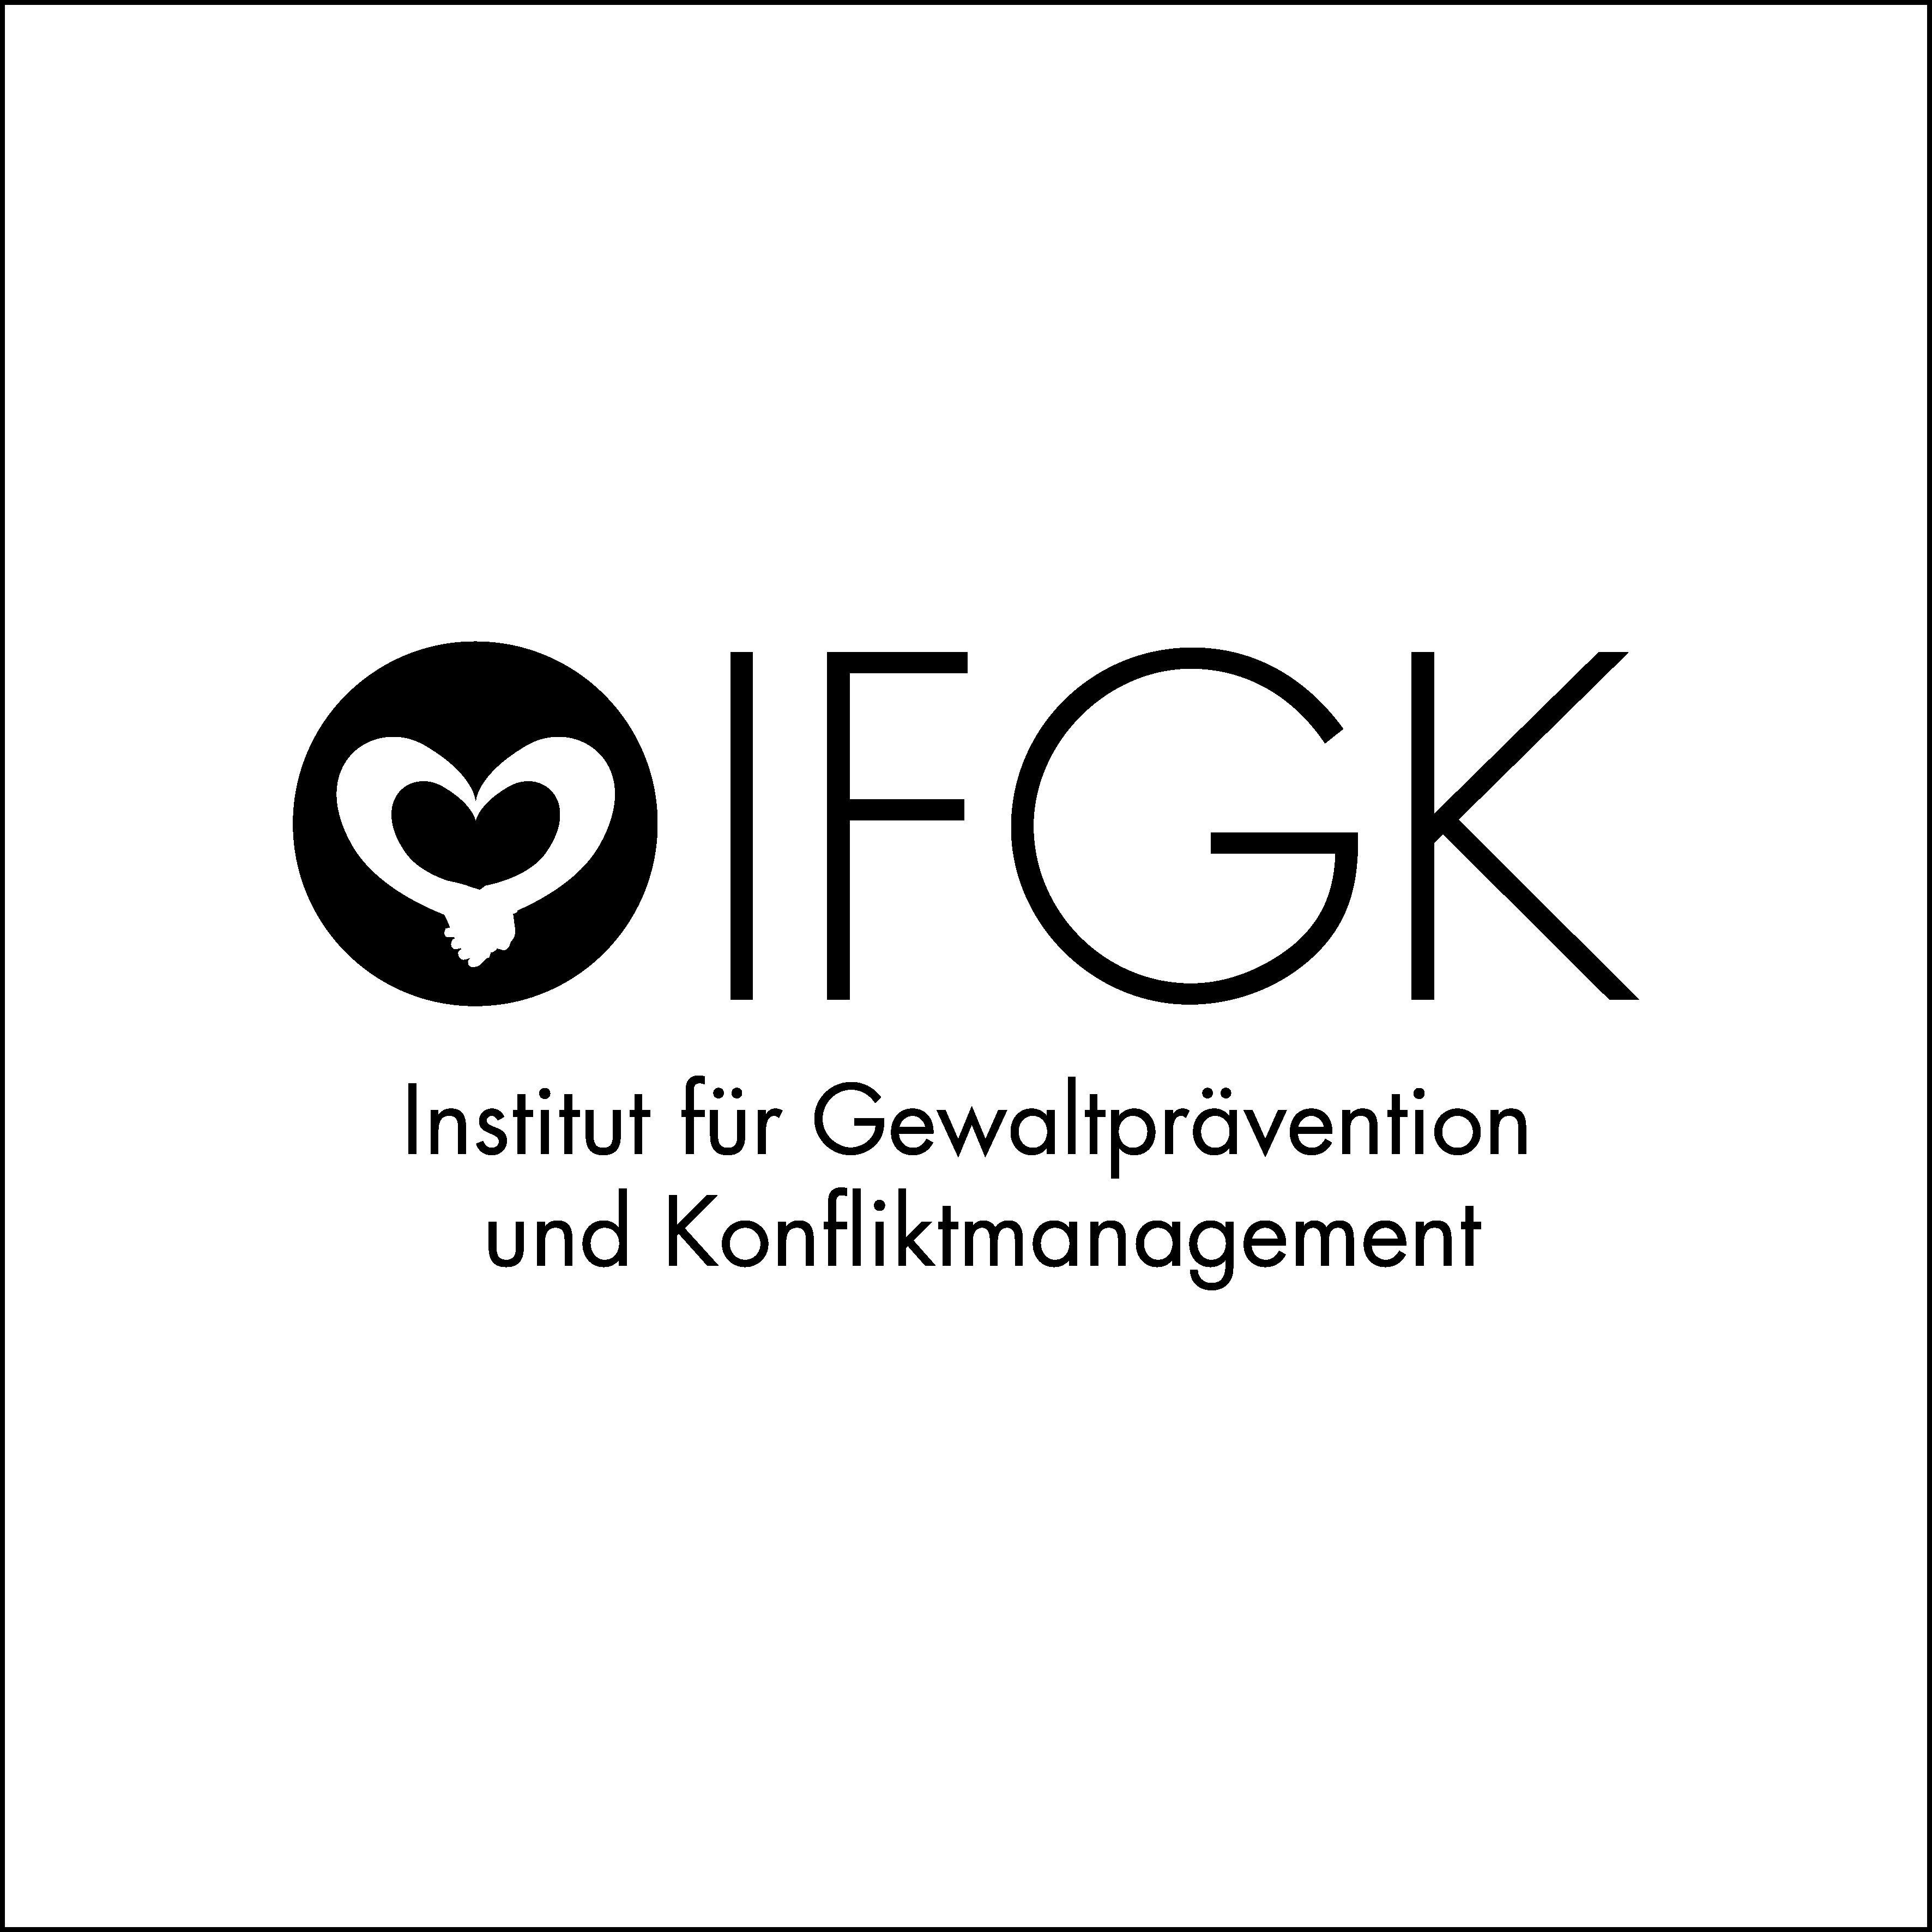 IGFK Wien logo